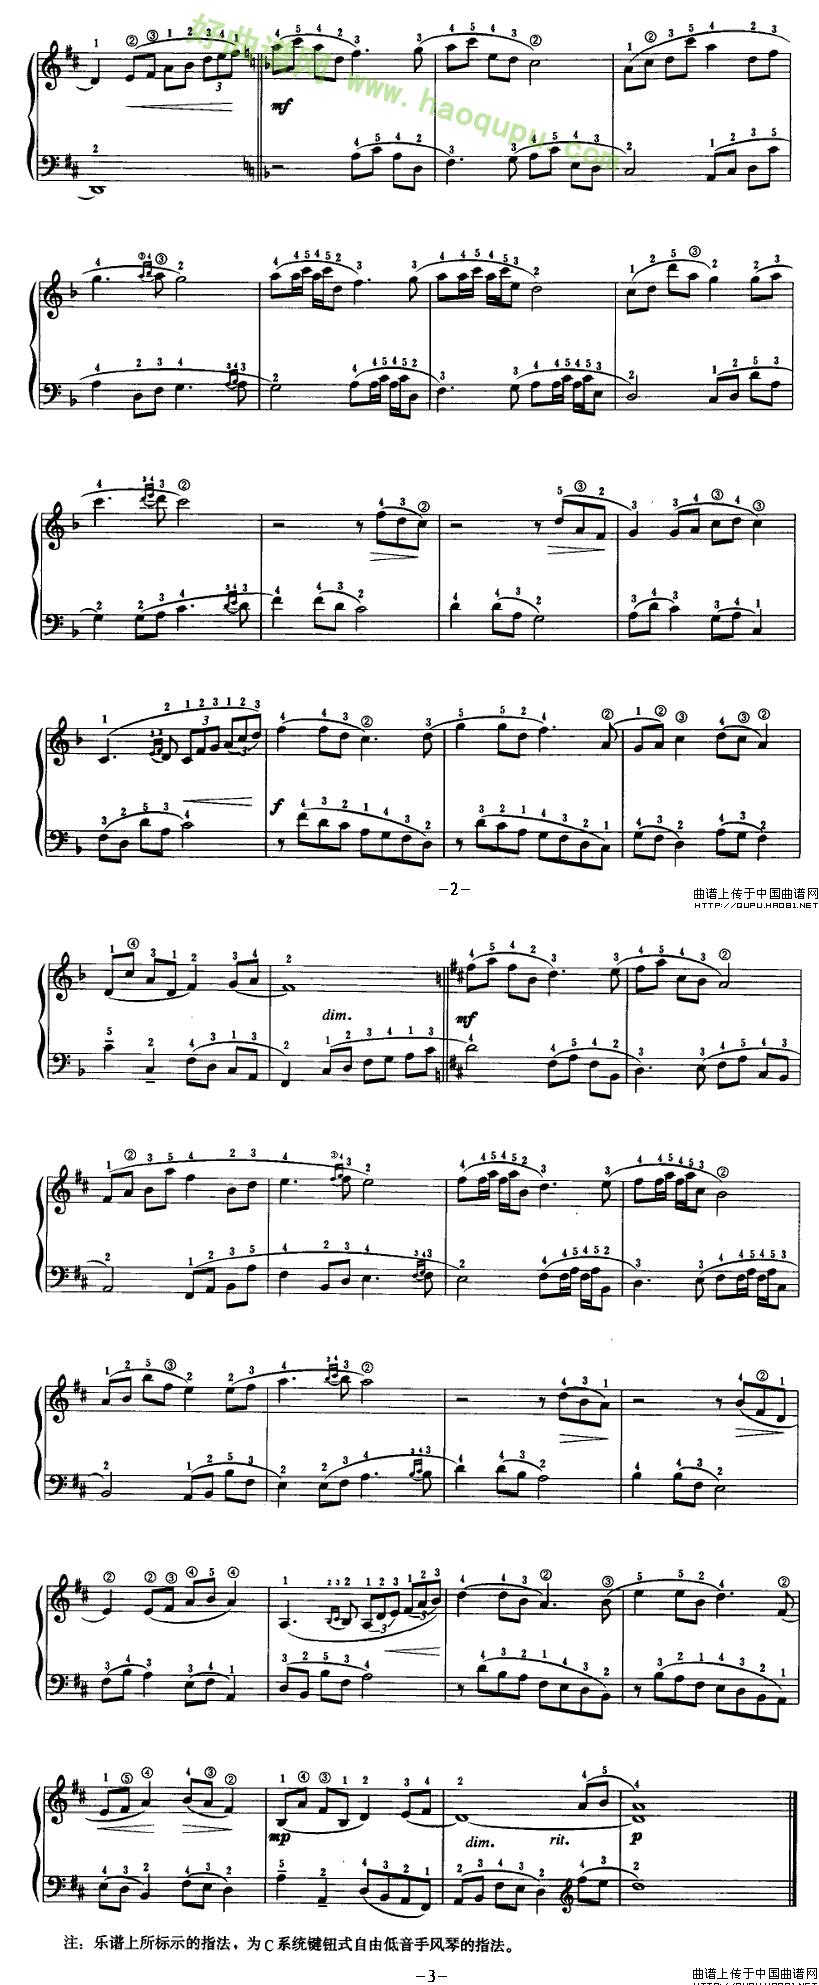 《乡韵》(自由低音手风琴独奏)手风琴曲谱第2张